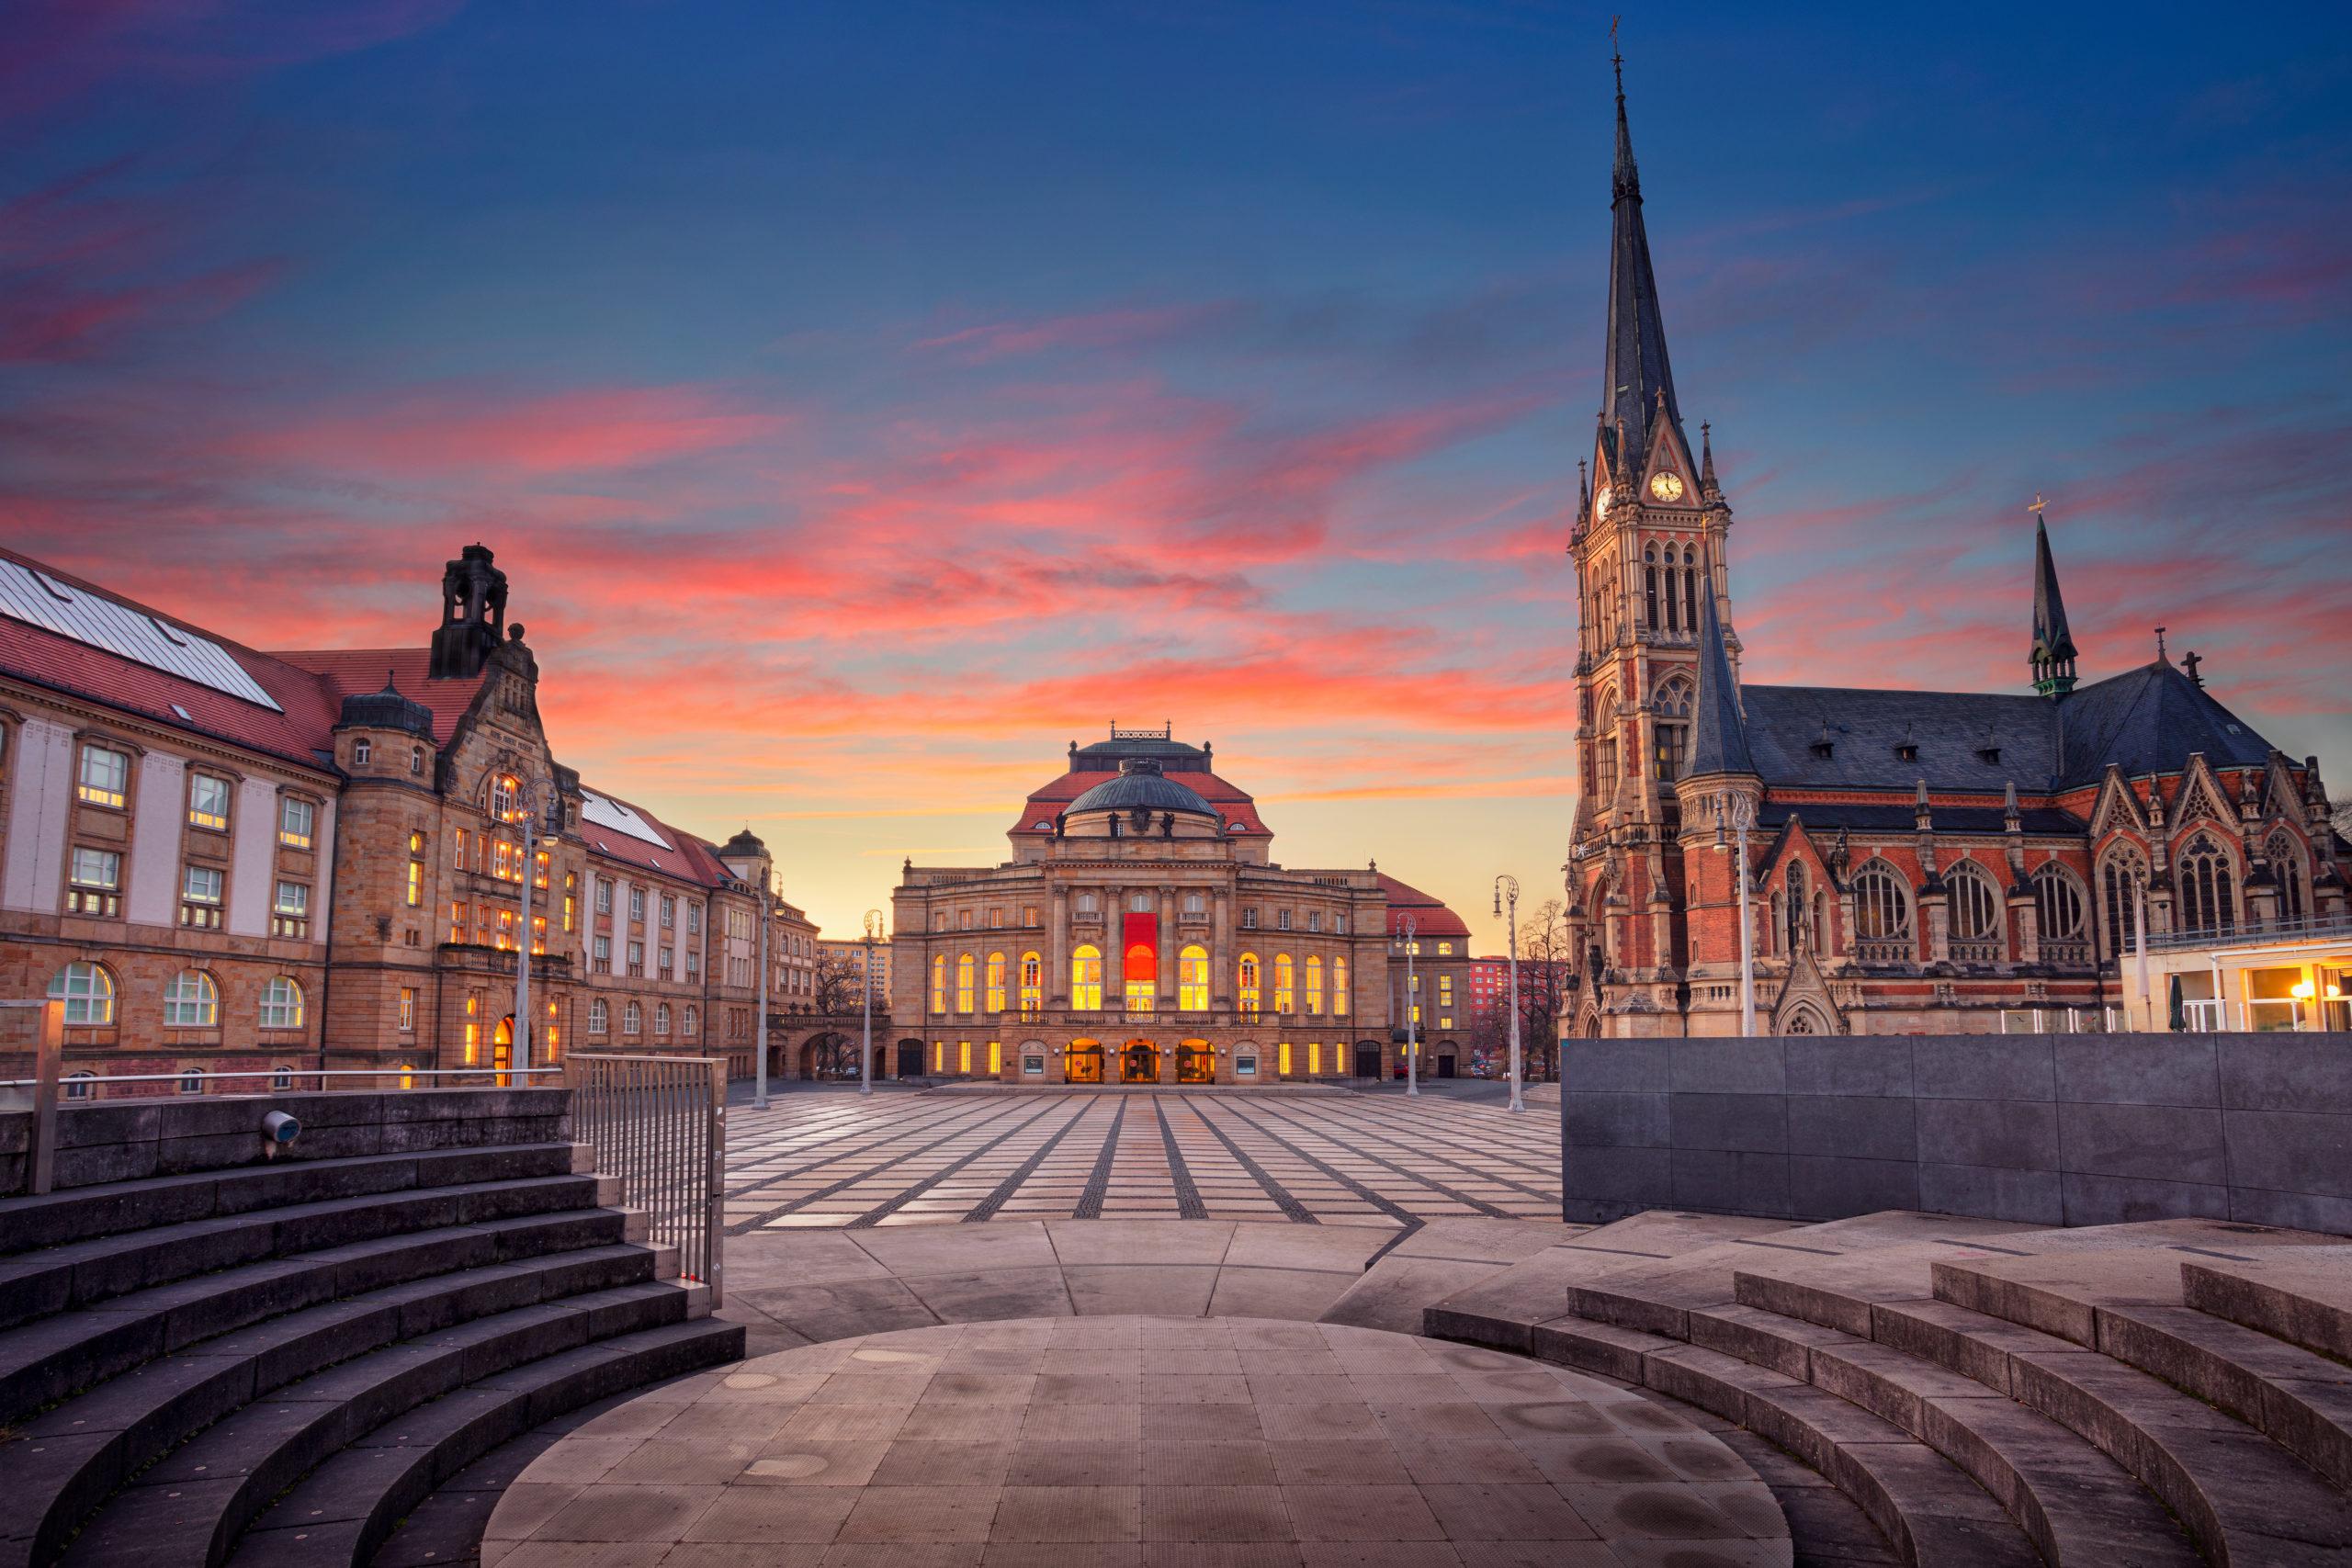 Haushaltsauflösung und Entrümpelung in Chemnitz